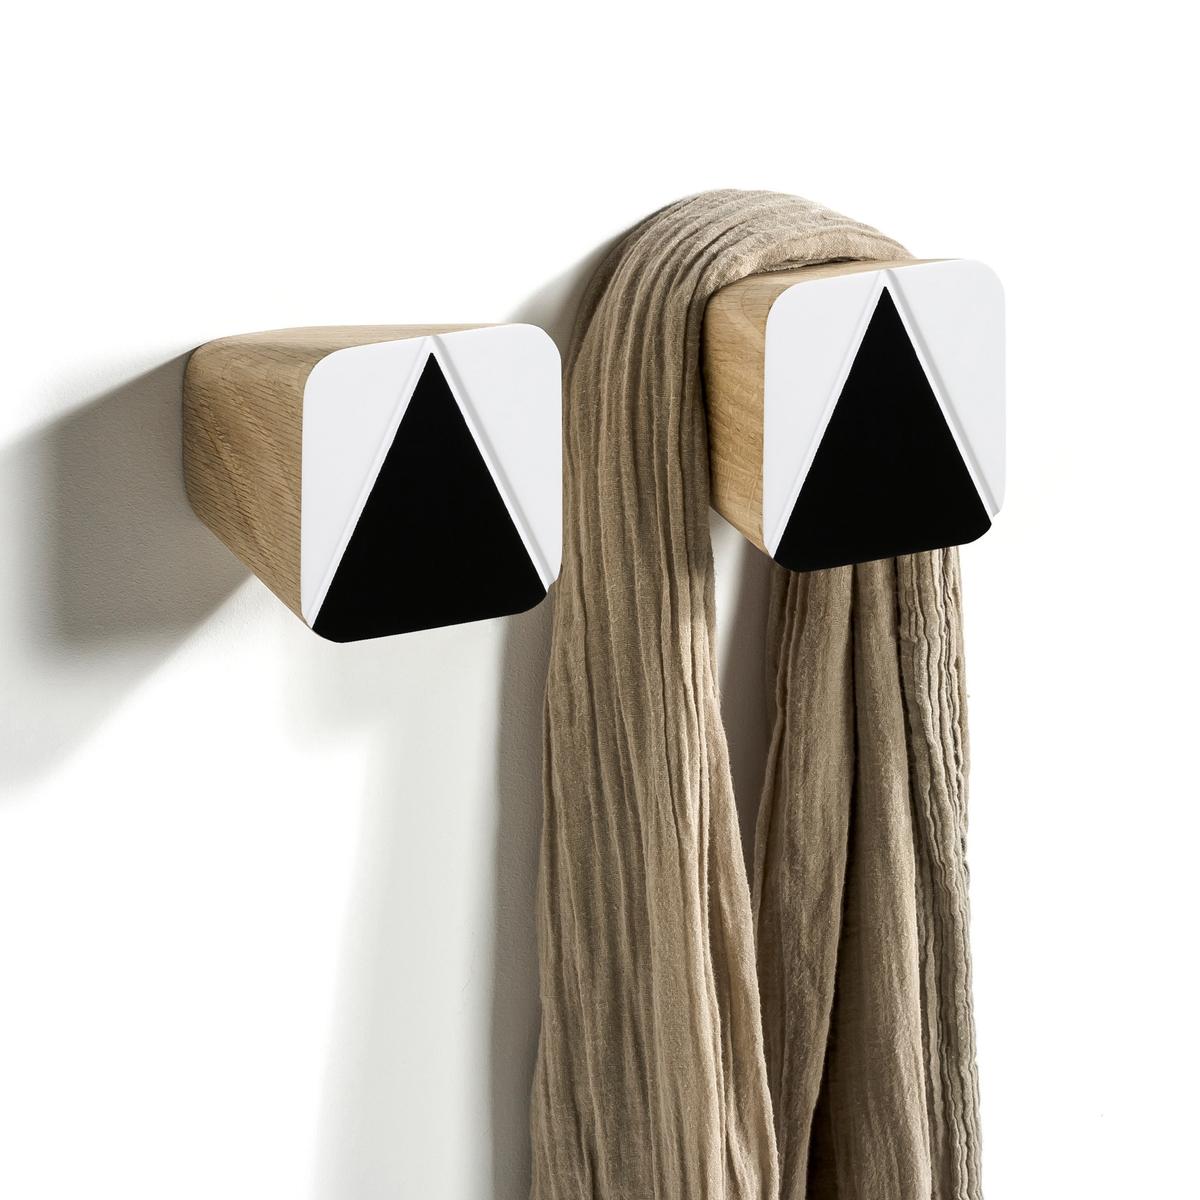 2 вешалкиПростая форма в скандинавском стиле. Разместив их рядом, Вы украсите стену в доме. Характеристики:-Выполнены из крашеного дуба.- Крепятся к стене (болт и дюбель для крепления продаются отдельно).Размеры:- 8 x 8 x 8 см.Продаются комплектом из 2 шт.<br><br>Цвет: разноцветный,черный/ белый